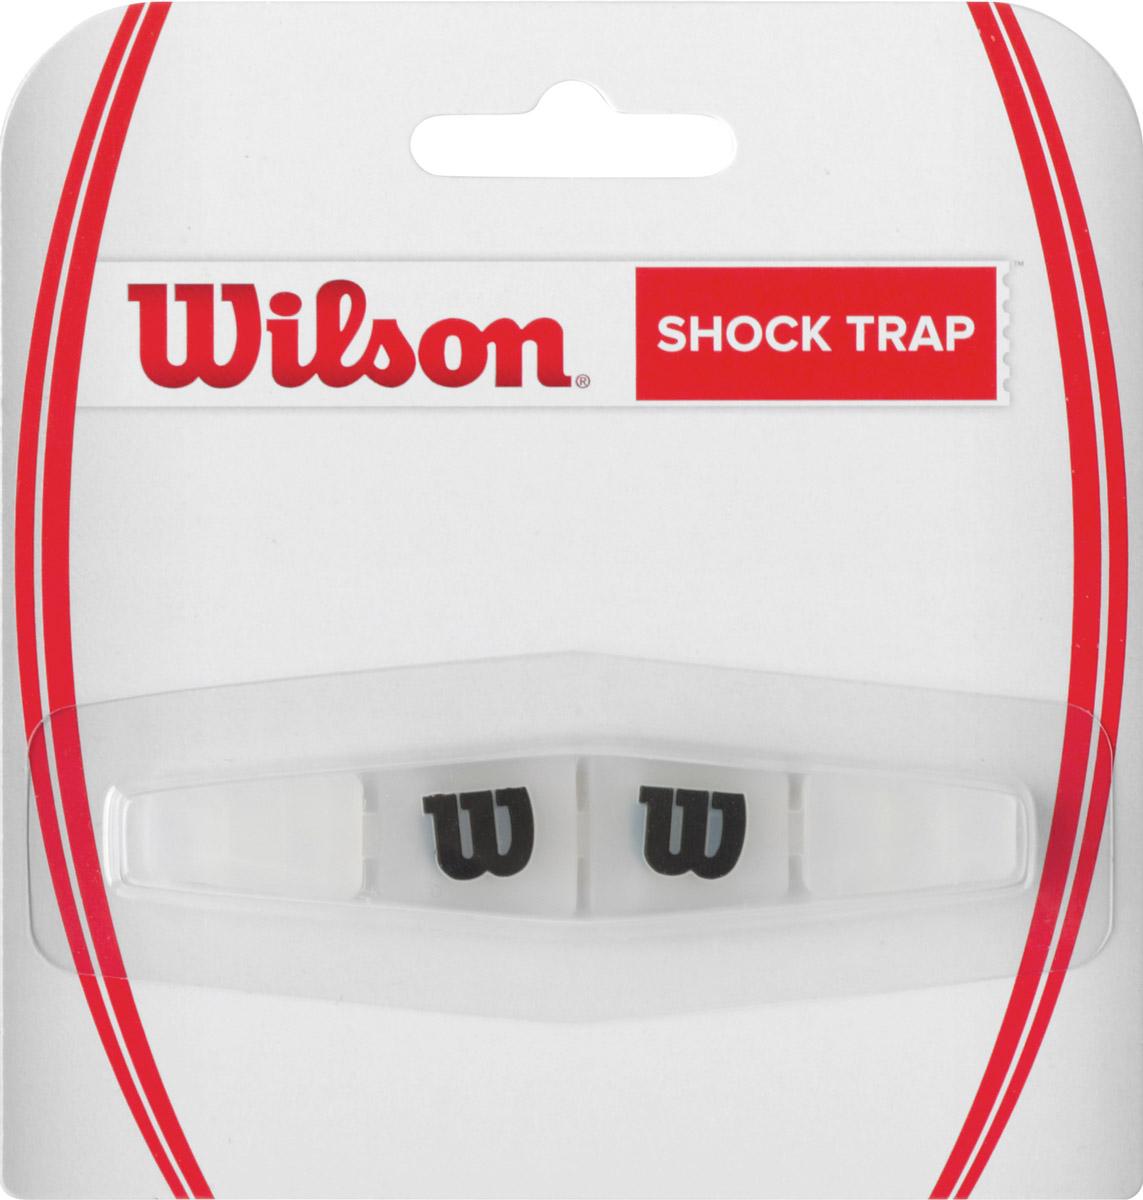 Виброгаситель Wilson Shock TrapWRZ537000Виброгаситель Wilson Shock Trap. Изготовлен из резины и силикона. Надевается на сетку ракетки. Он поглощает вибрации, снижая неприятные ощущения от удара по мячу и защищая суставы.Виброгаситель Wilson Shock Trap - виброгаситель обеспечивающий максимальный комфорт.